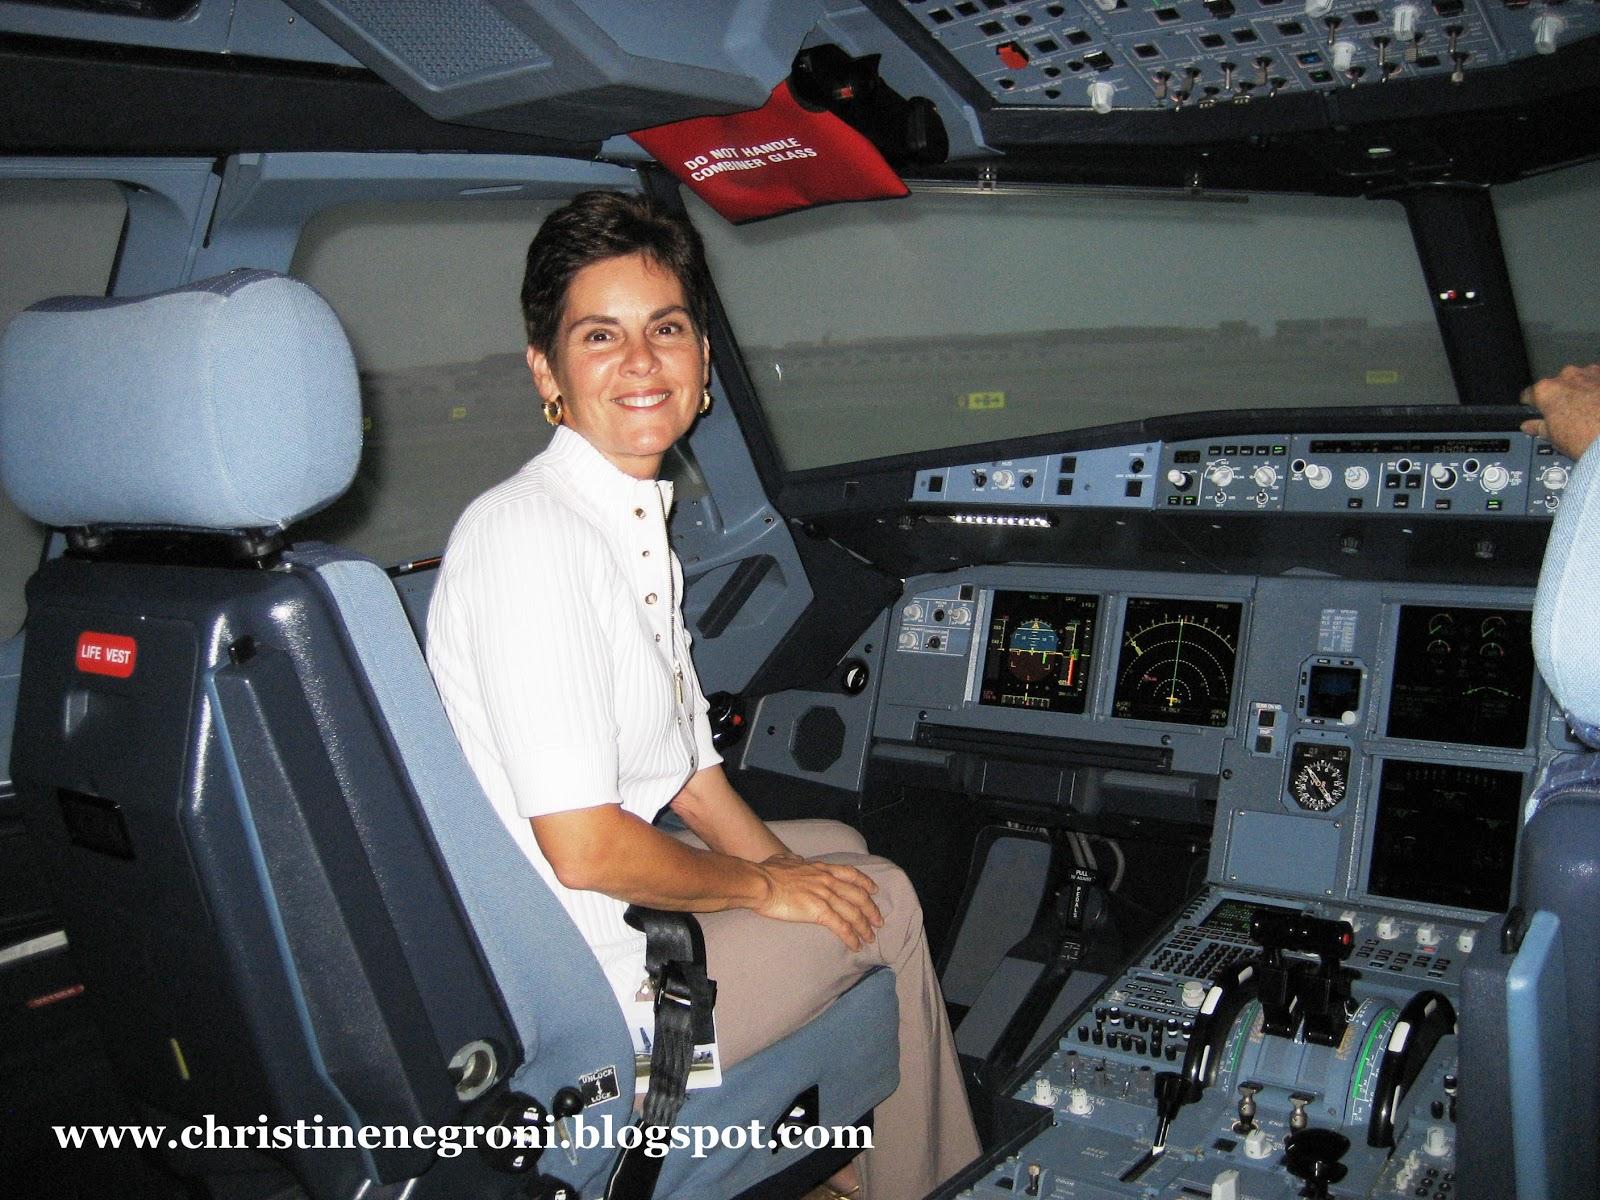 Airbus%252BChristine%252Bin%252Bsim%252B1 Flight 32 gave a hairy,. Flight 32 gave a hairy,